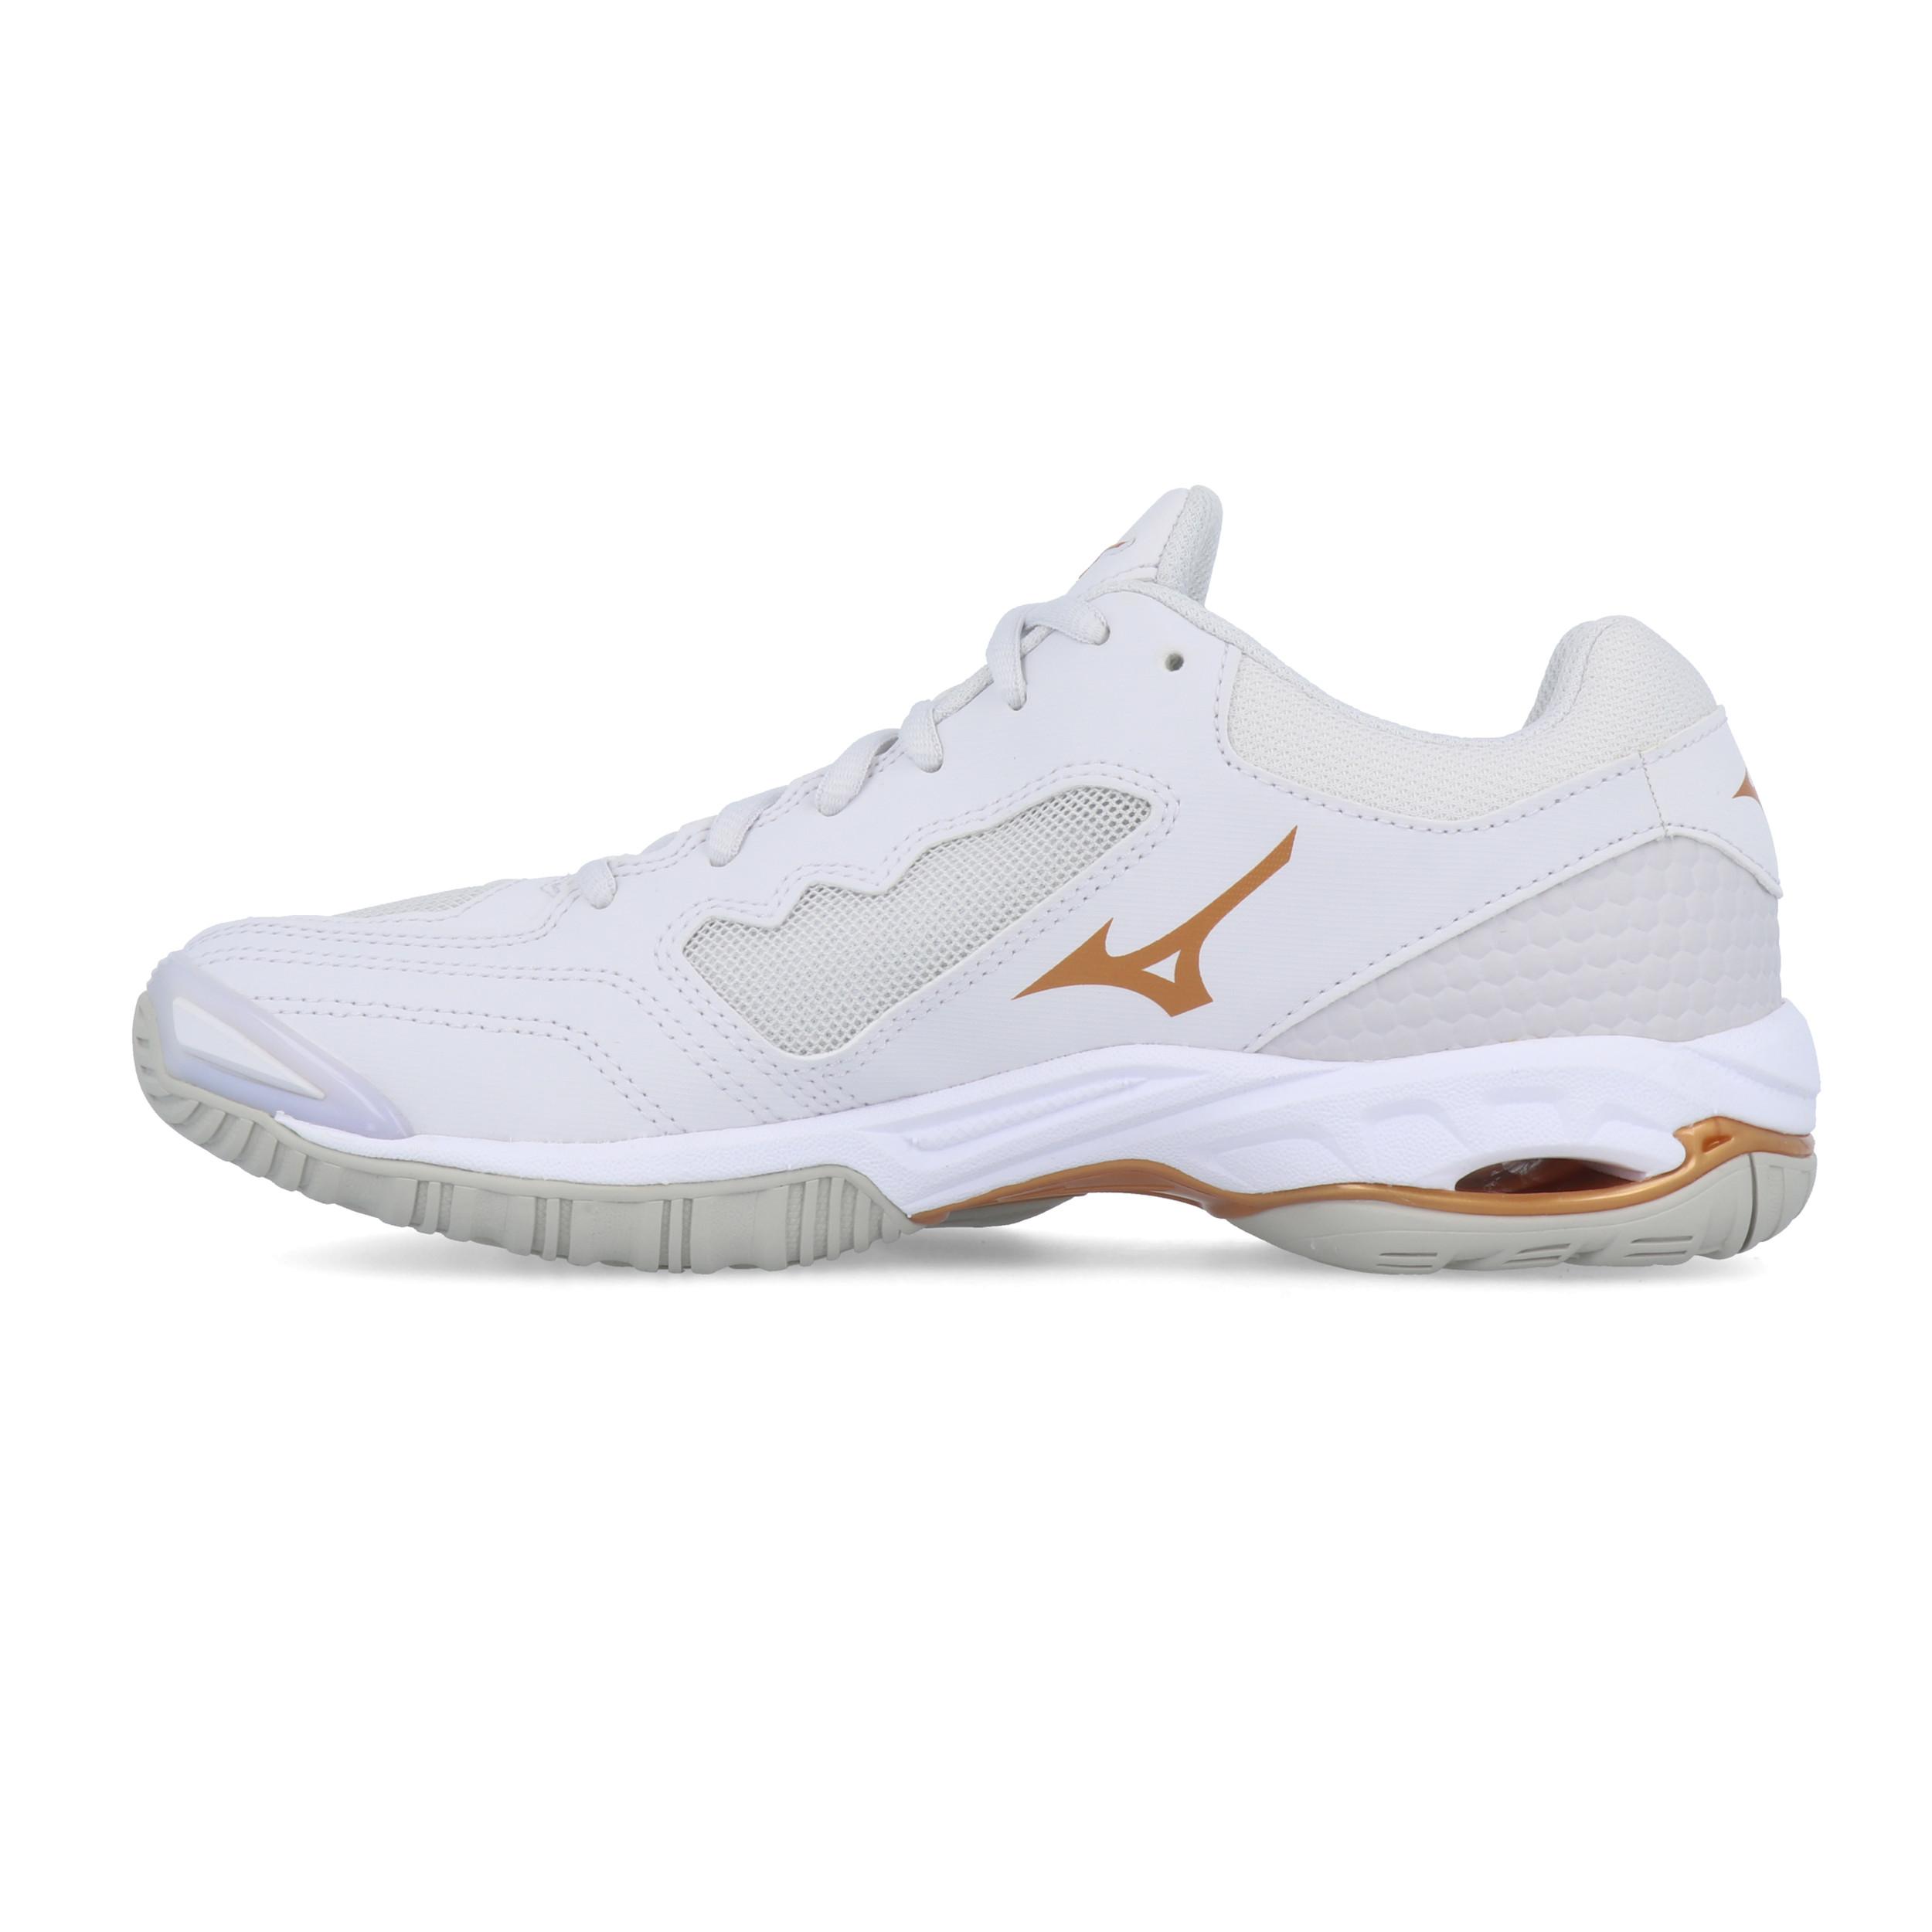 Mizuno Femme Wave Phantom 2 NB Intérieur Cour Chaussures Blanc Sports Baskets